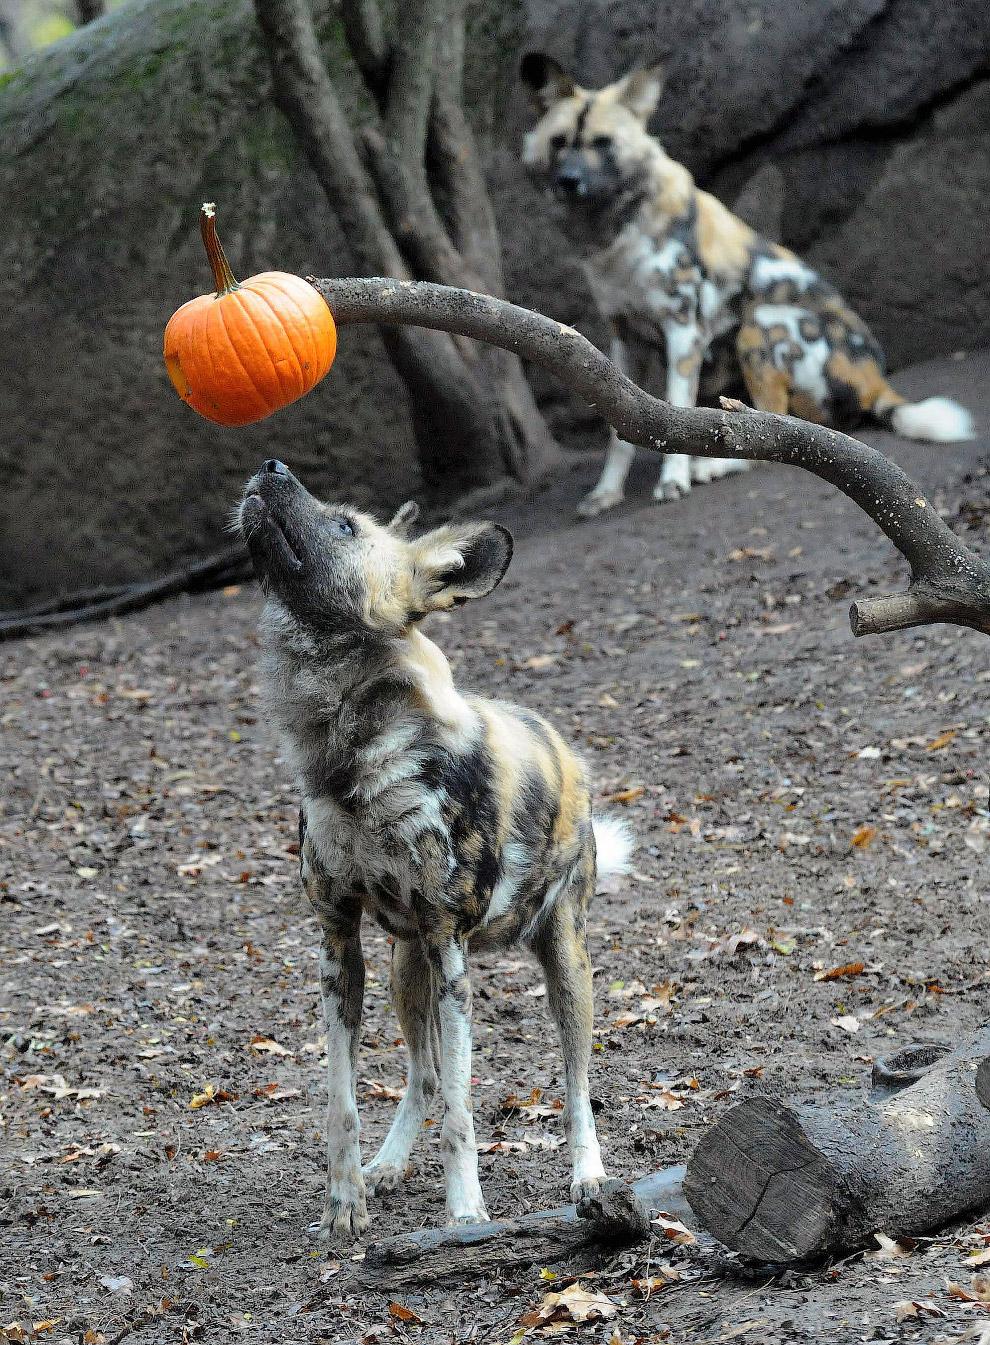 Африканская дикая собака с тыквой в зоопарке города Брукфилд, штат Иллинойс